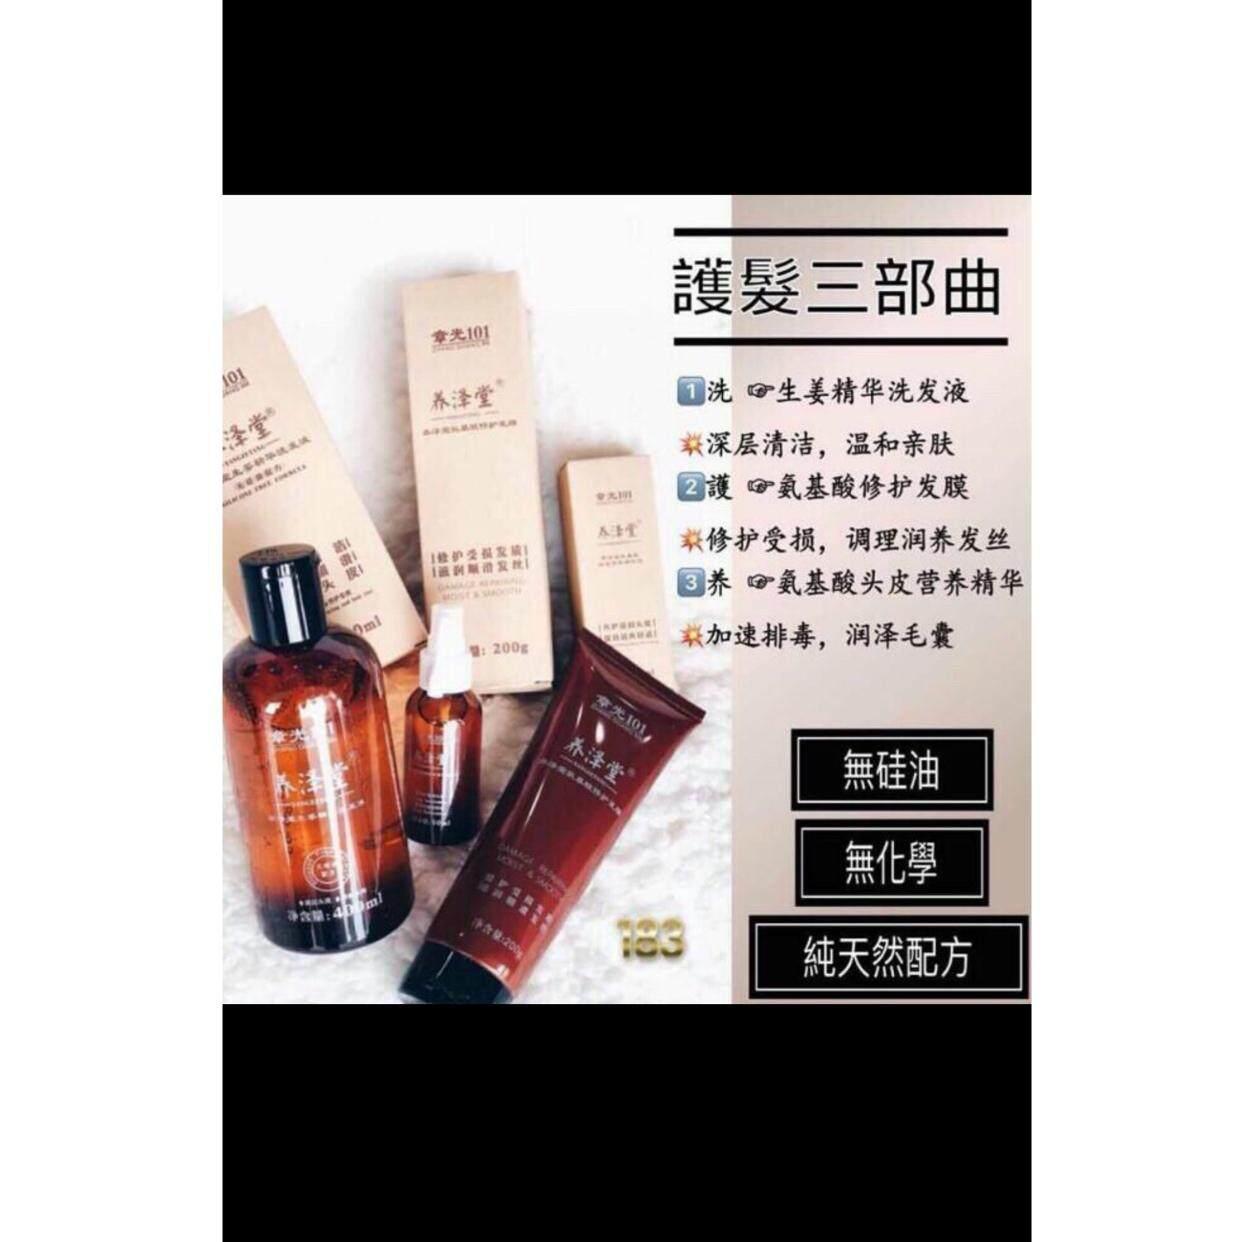 Fitur Sisir Garpu 101 Dan Harga Terbaru Info Tempat Magic Zhang Guang Yangzetang Hair Growth Anti Fall Set